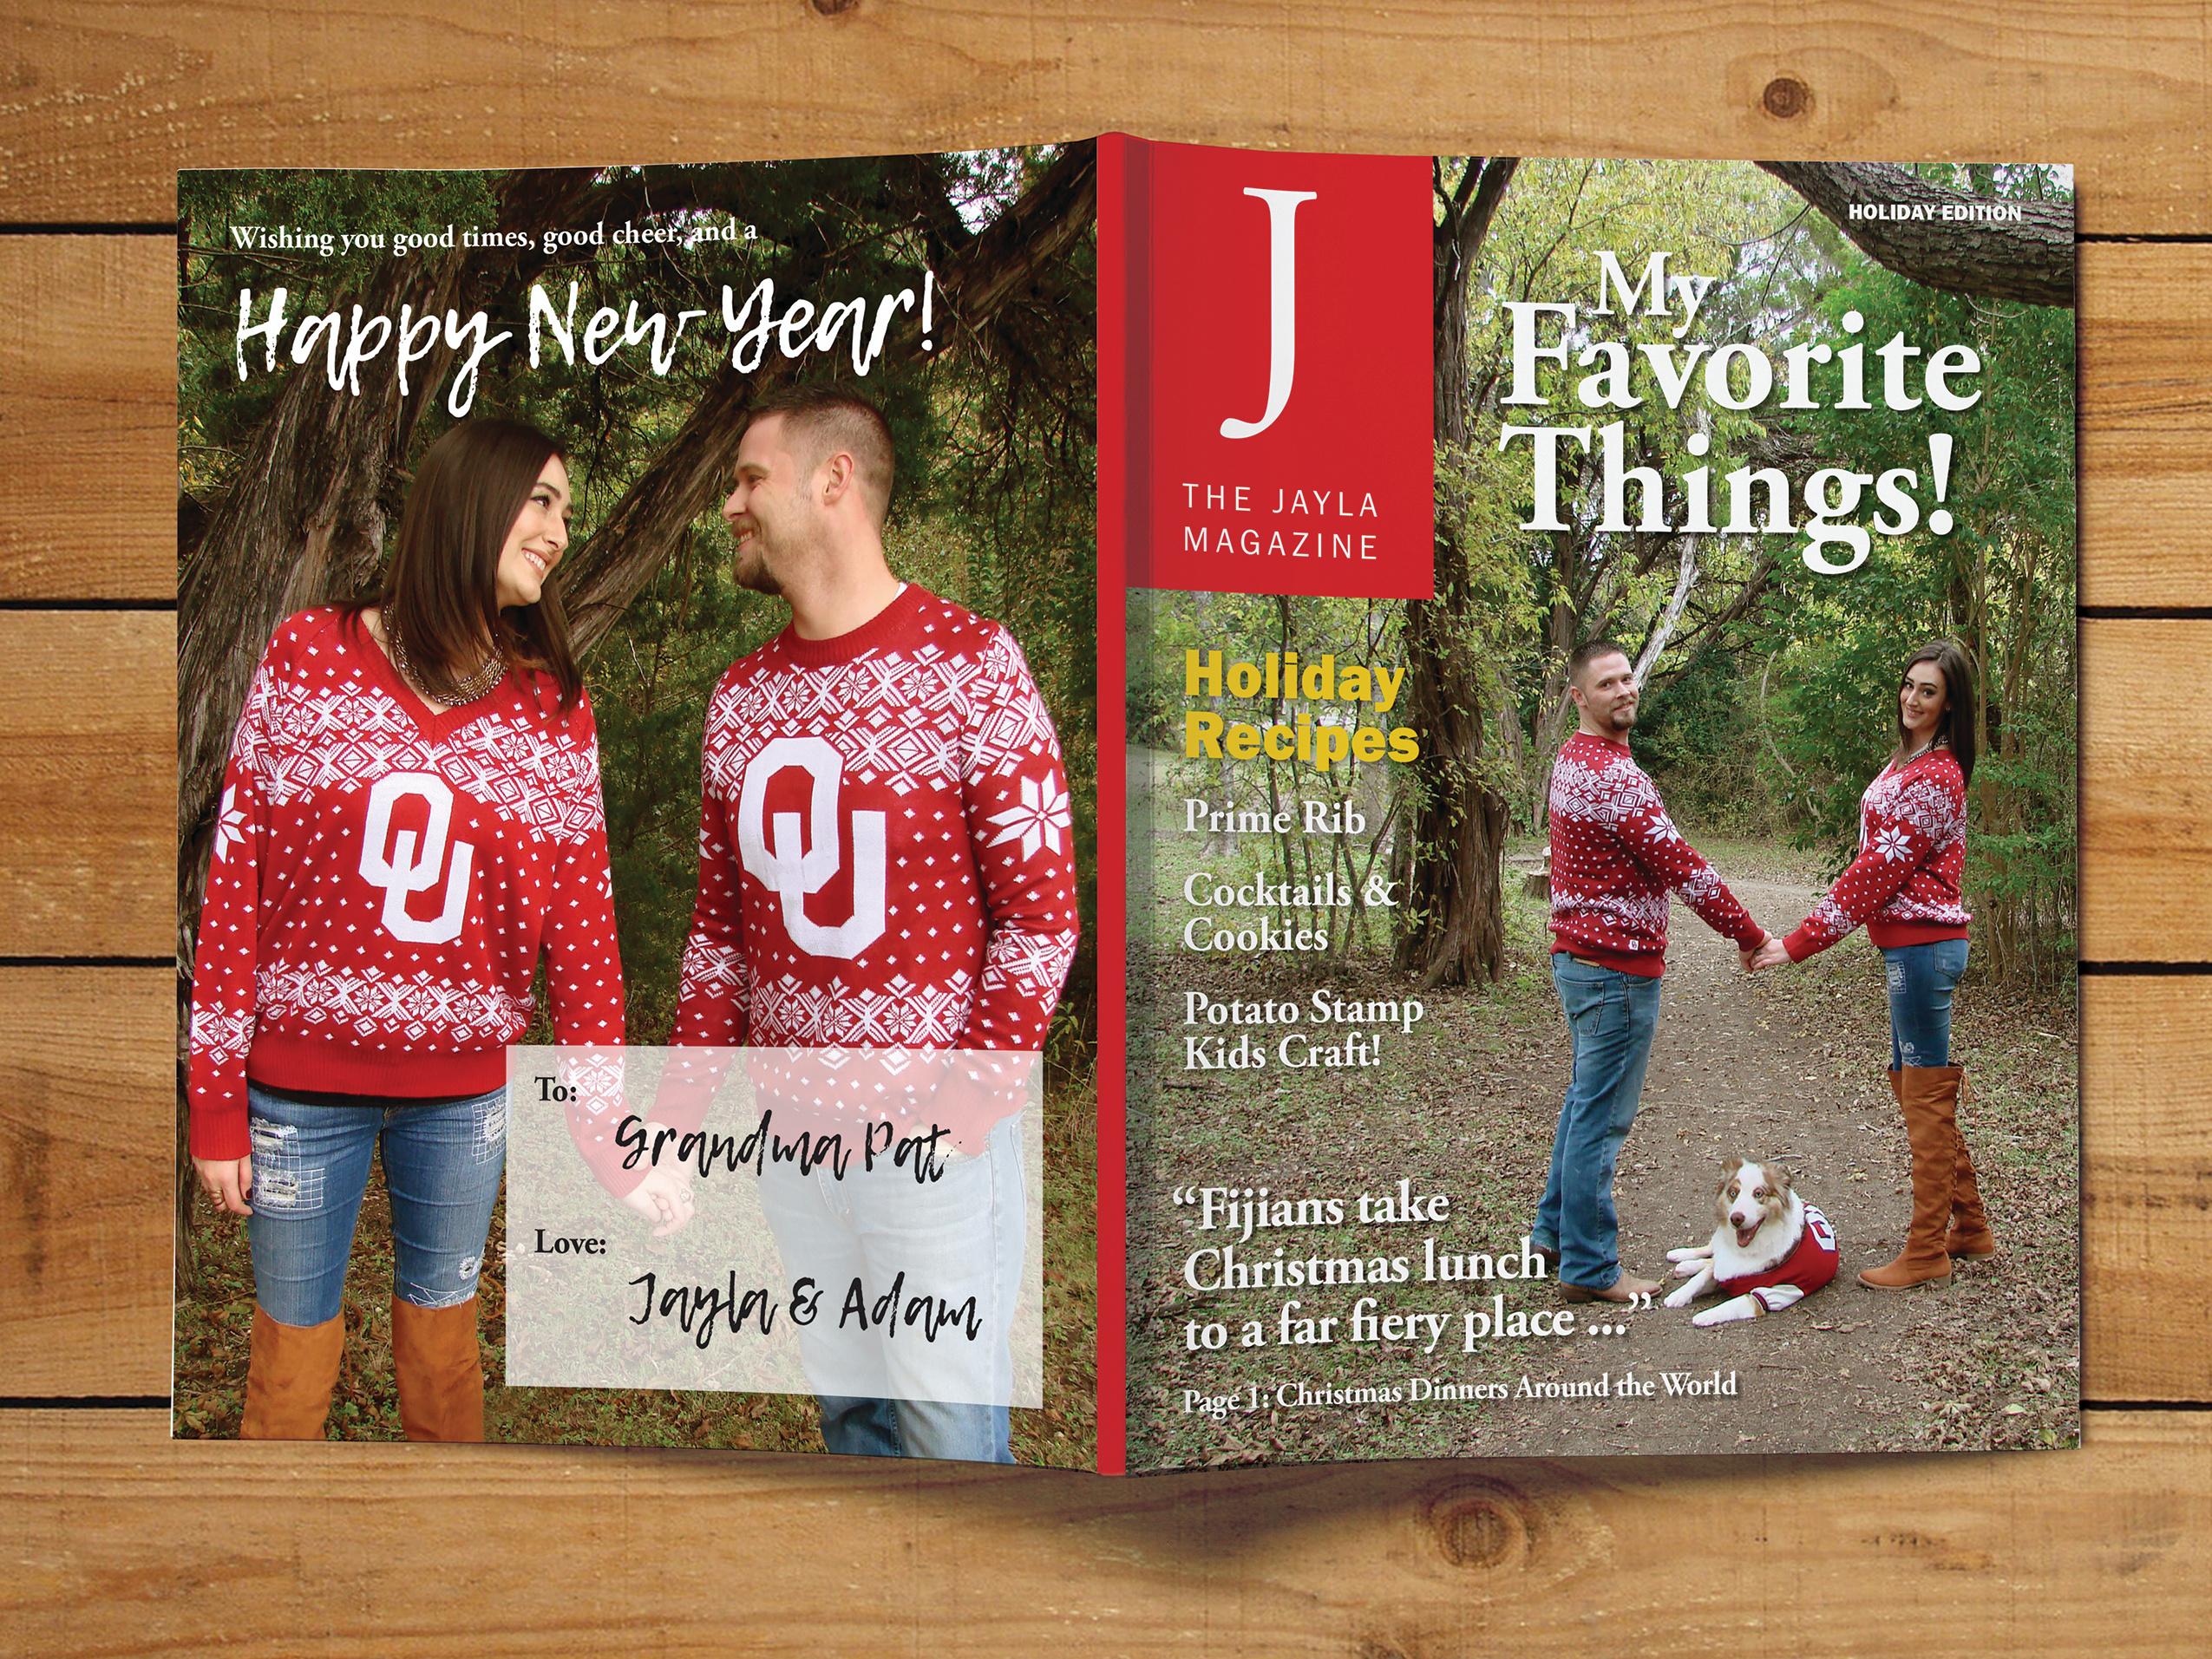 The Jayla Magazine